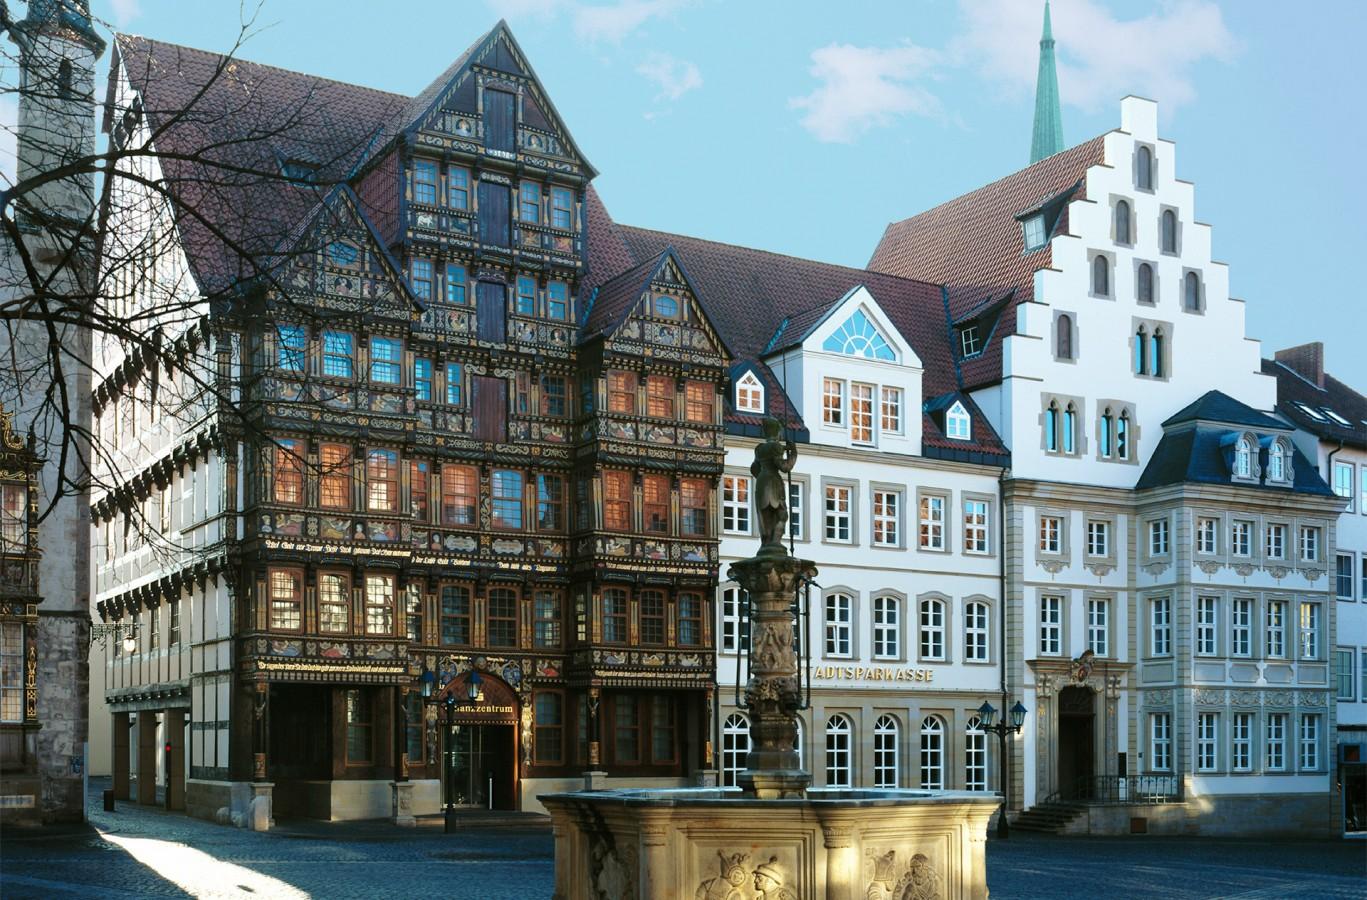 Hauptstelle Stadtsparkasse | JUNG - Architekturbüro, Innenarchitekturbüro Hildesheim